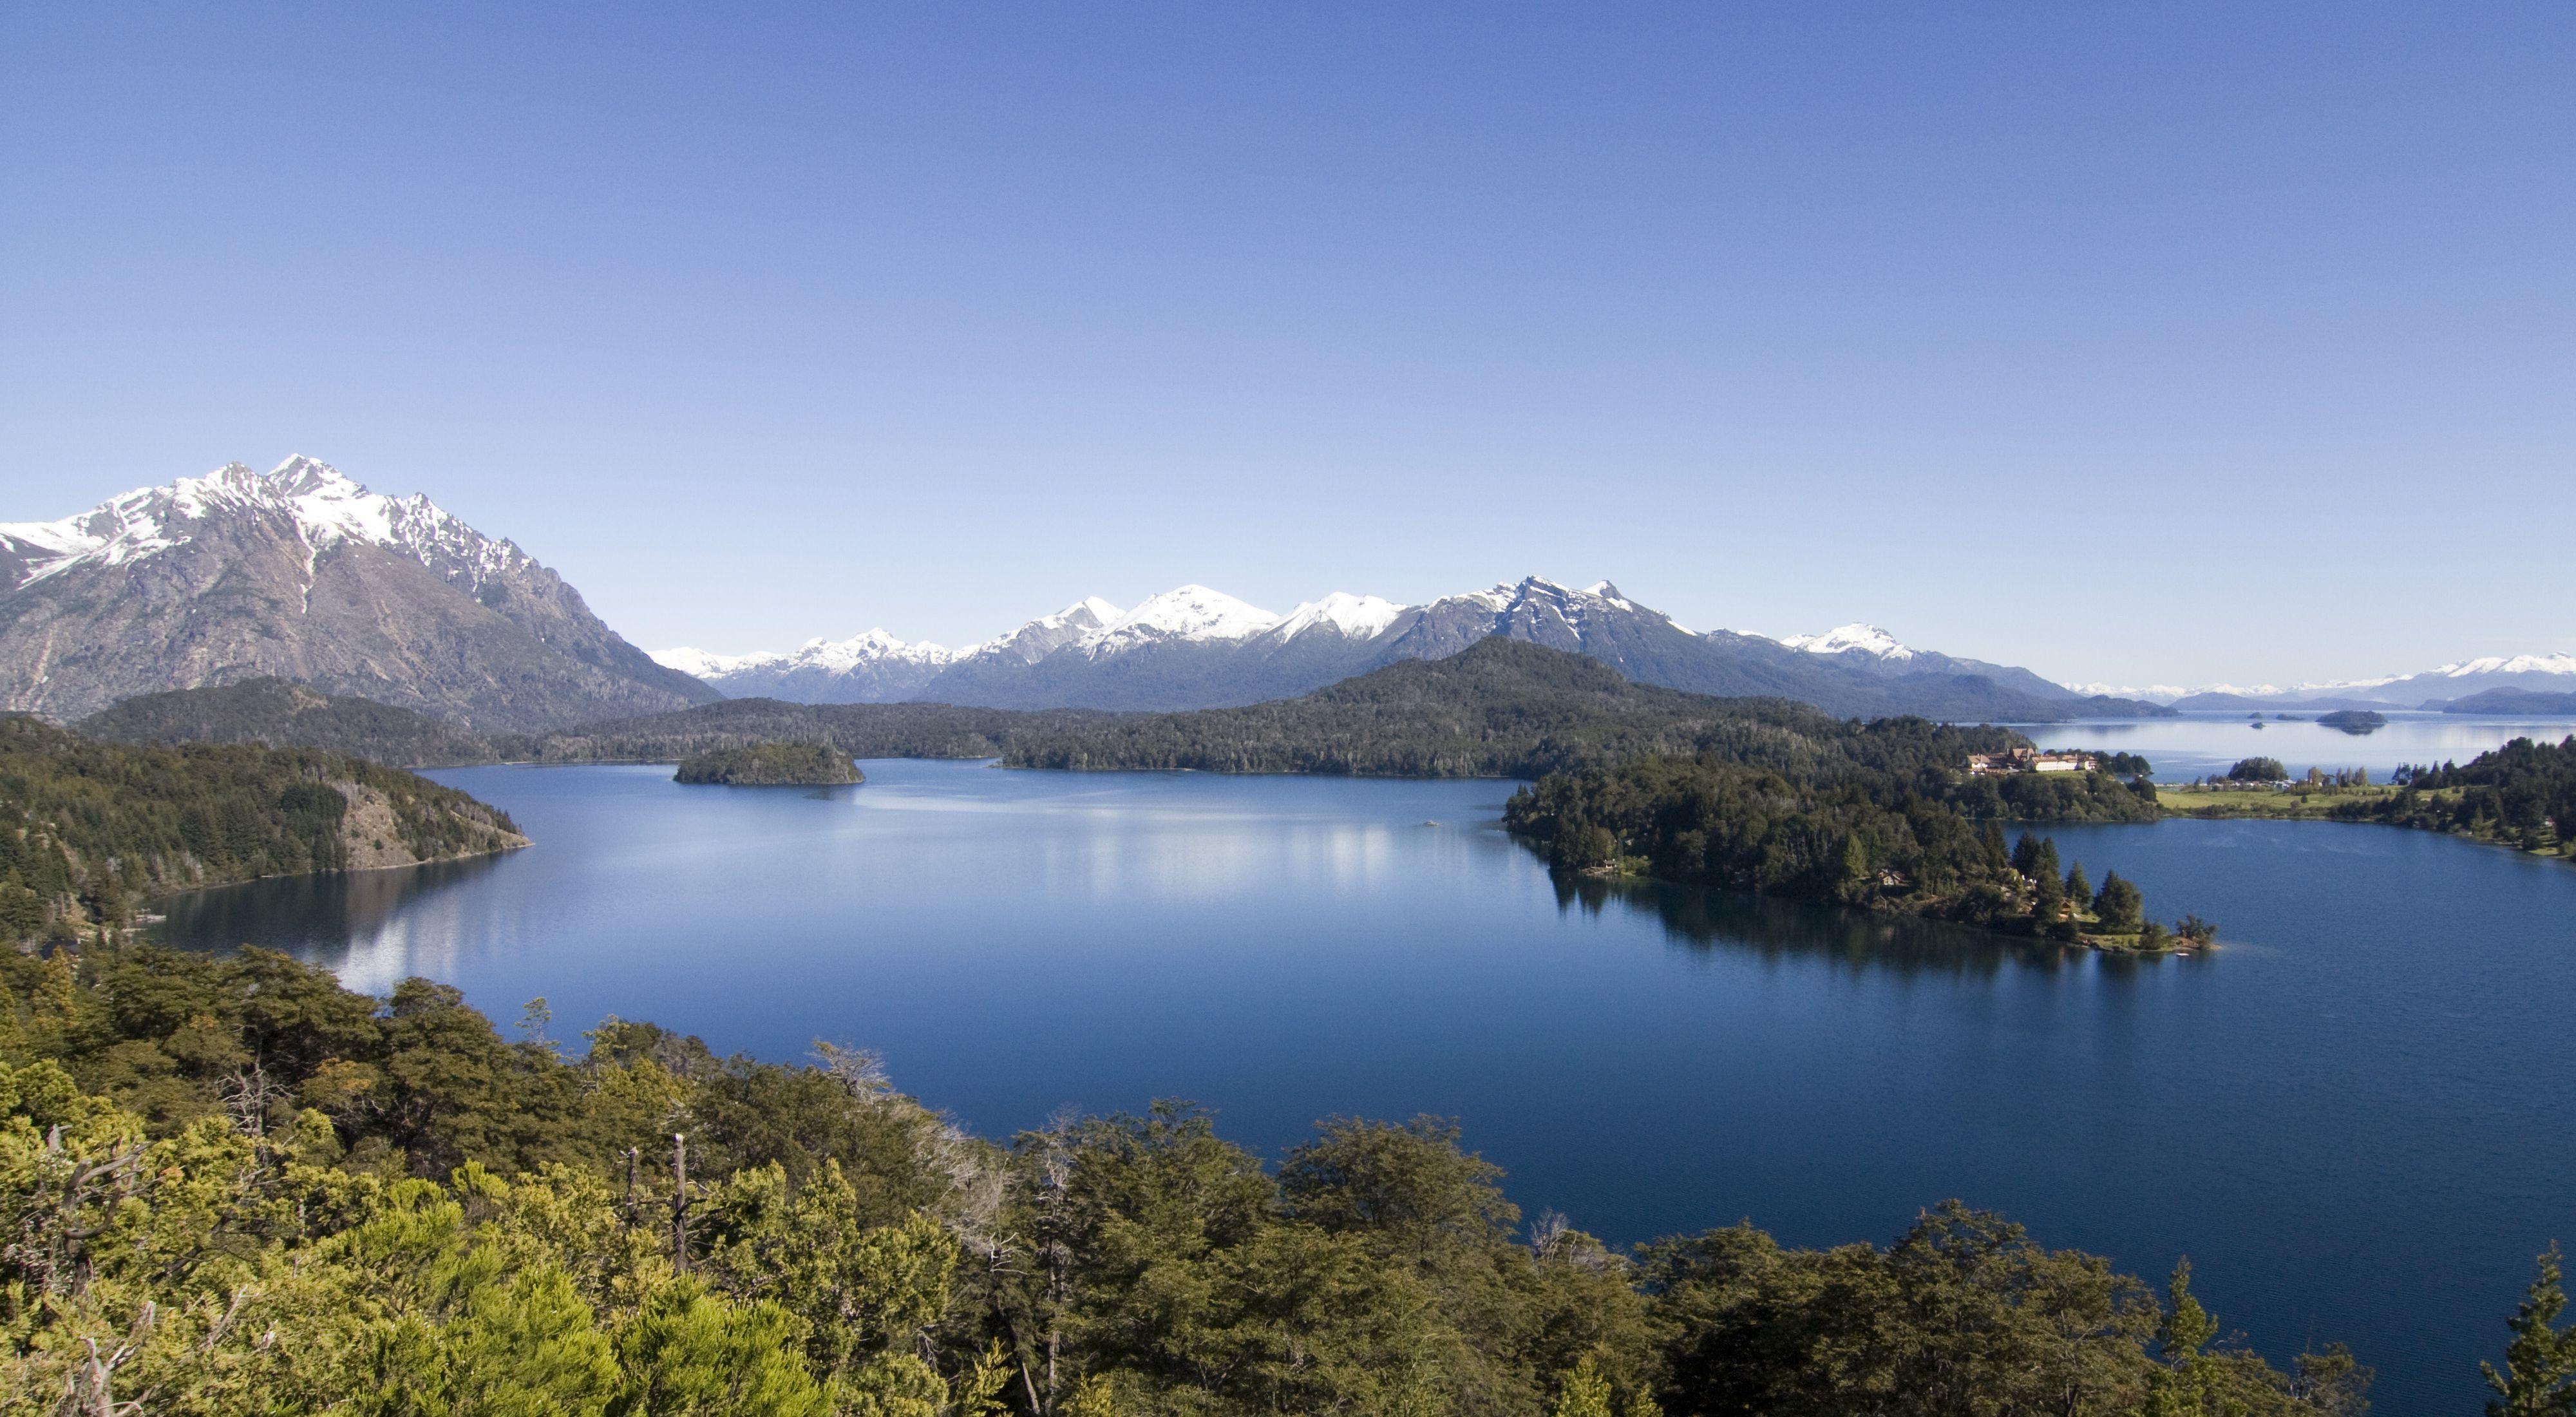 Vista del lago Nahuel-Huapi en el Parque Nacional Nahuel Huapi de Argentina.